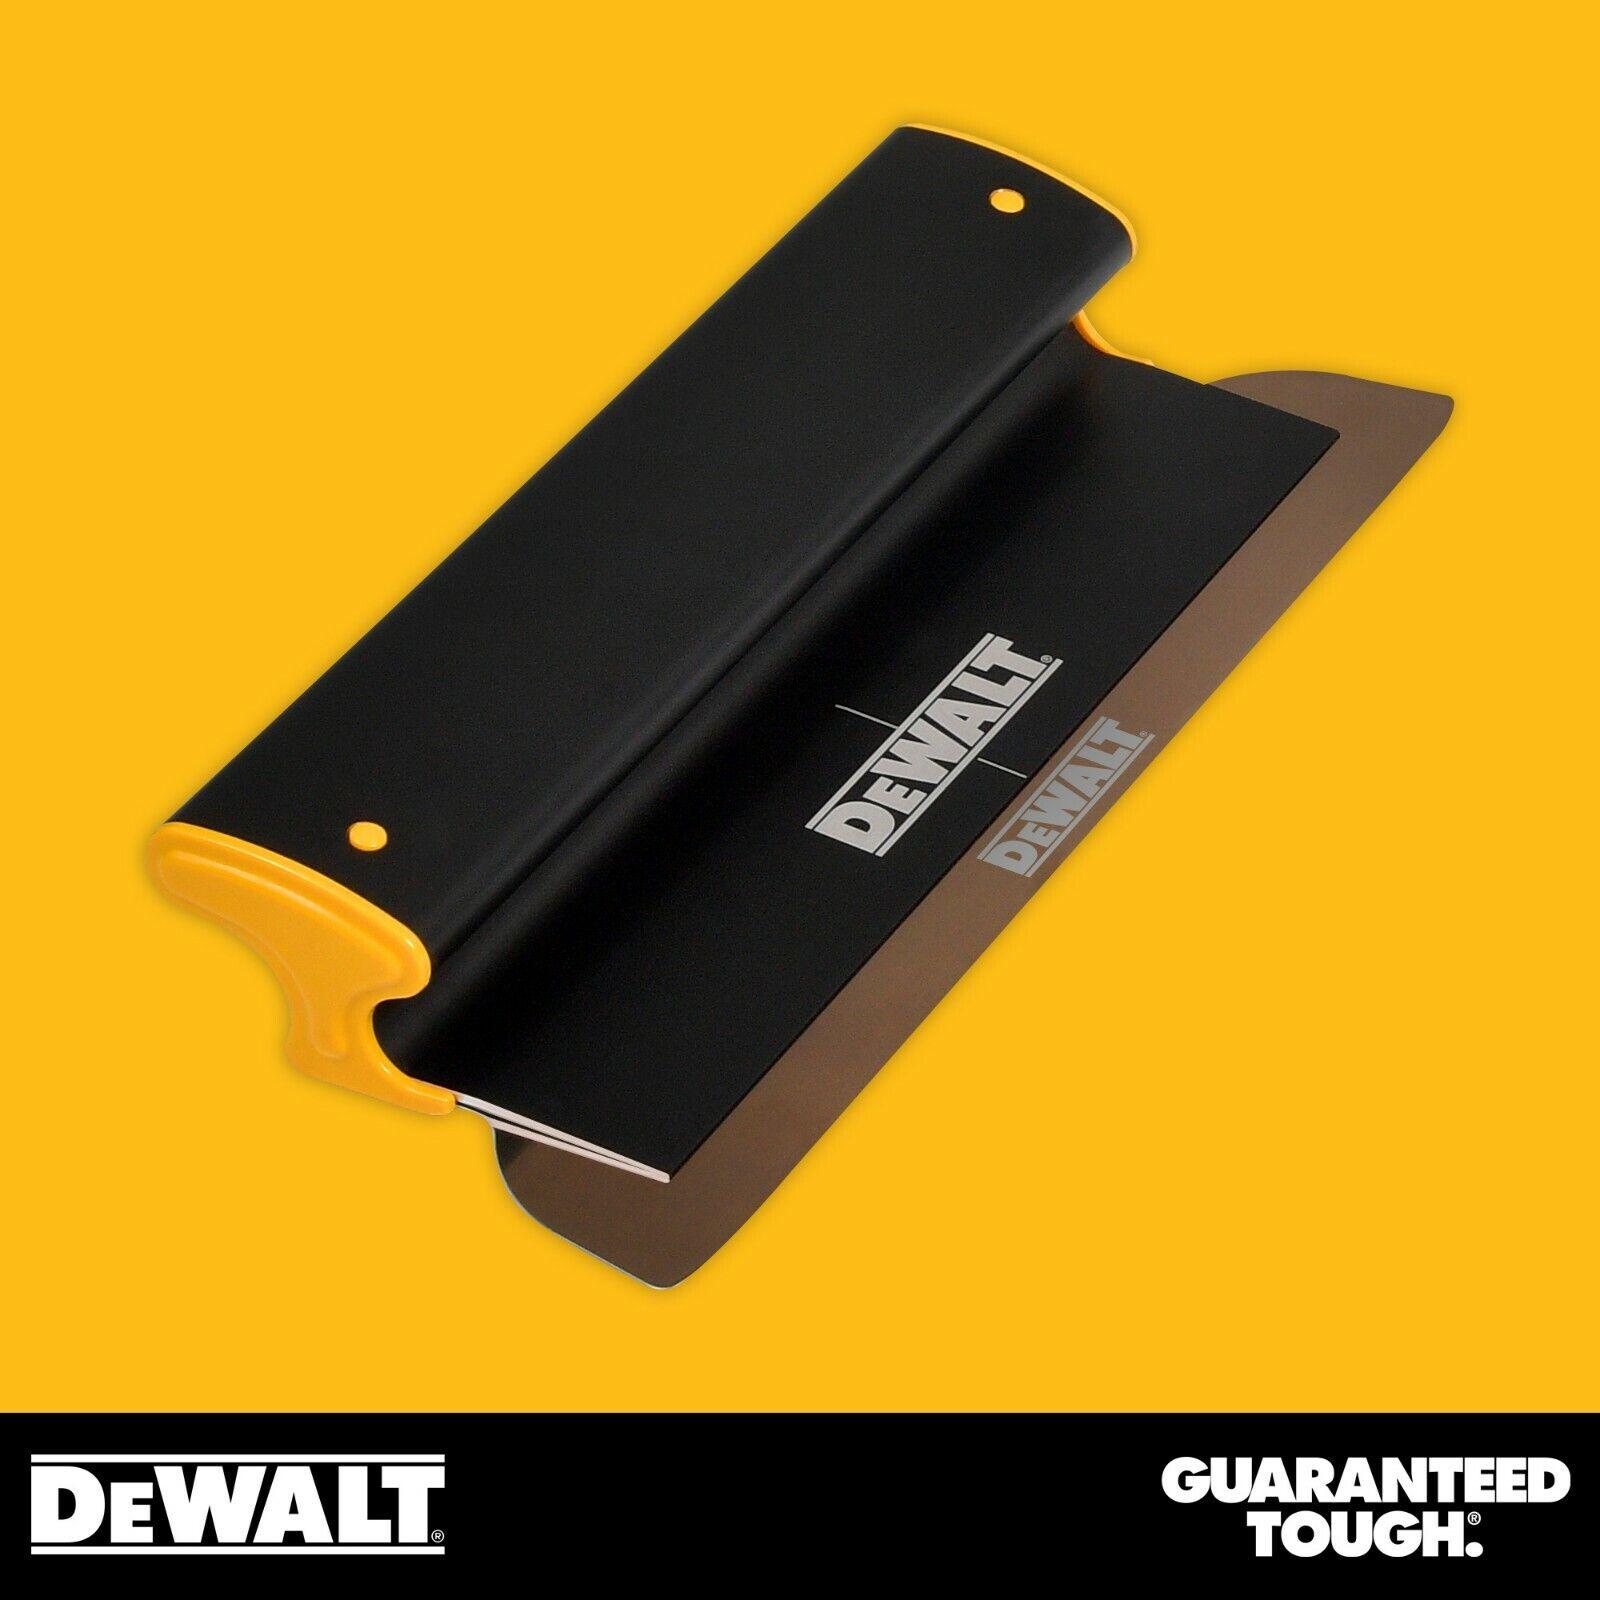 DEWALT Drywall Skimming Blade 14  Finishing Tool Stainless Steel Paint Scraper